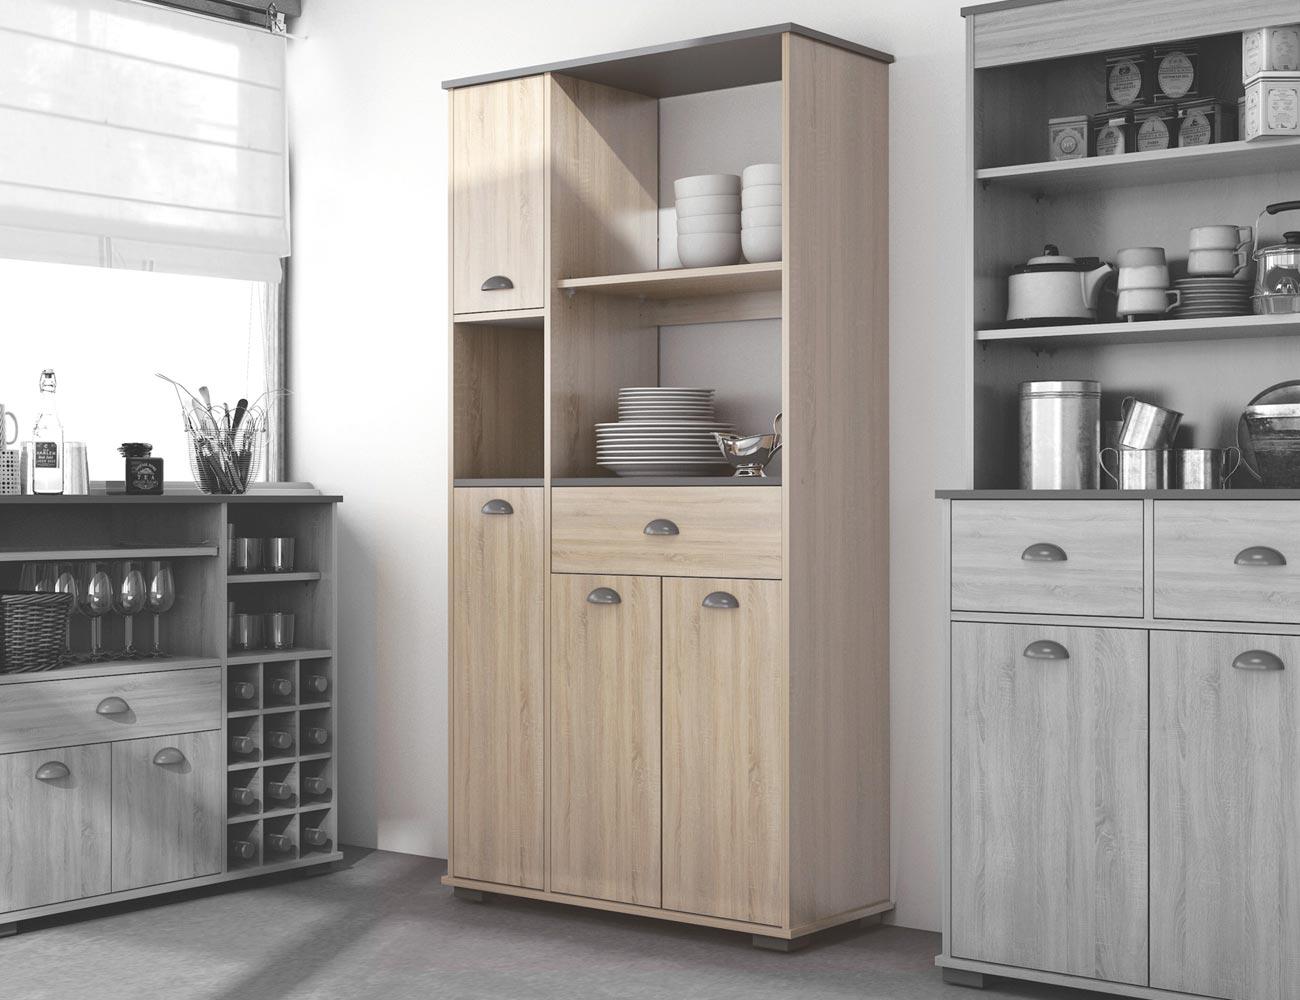 Muebles buffet para cocina planos de cocina buffet en - Buffet cocina conforama ...